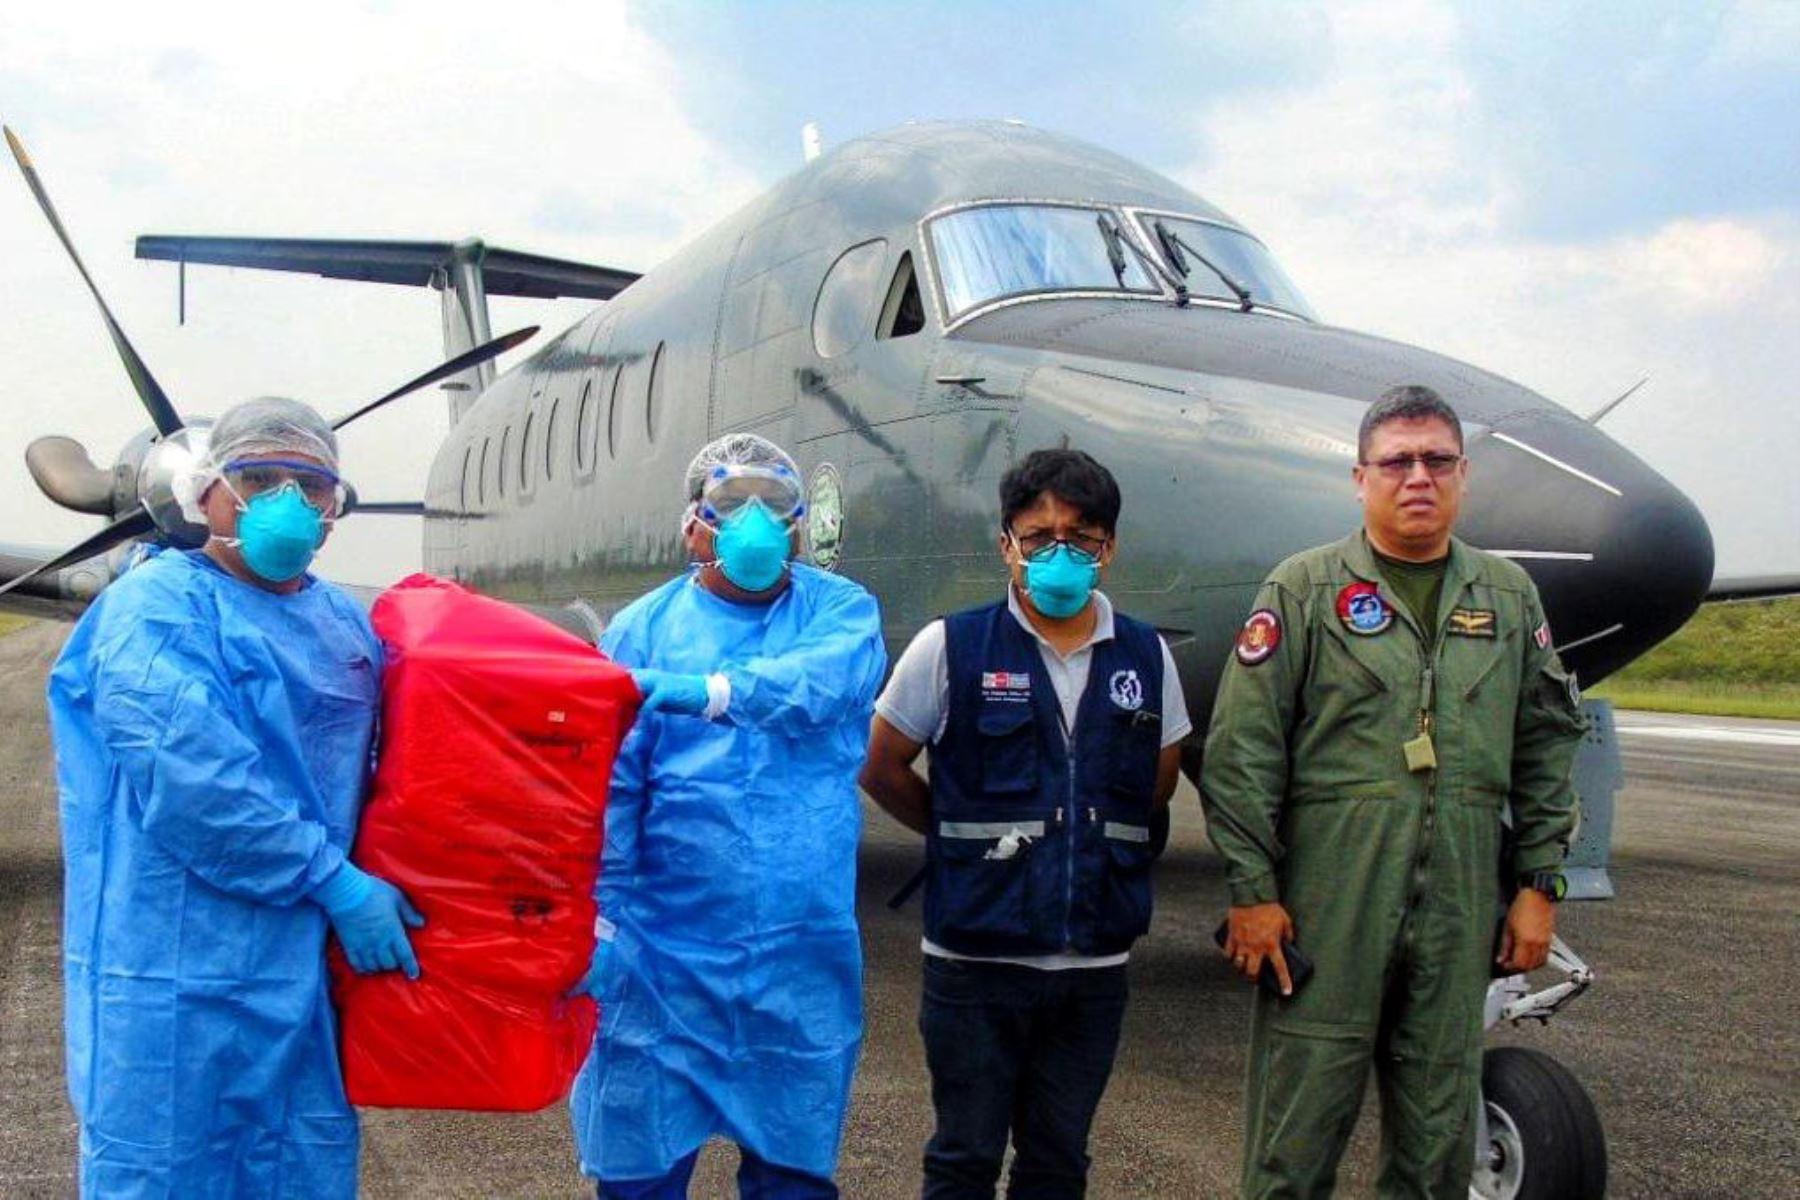 Un avión de la Fuerza Aérea trasladó, desde Cajamarca, muestras de pacientes sospechosos para descarte del coronavirus en Lima.